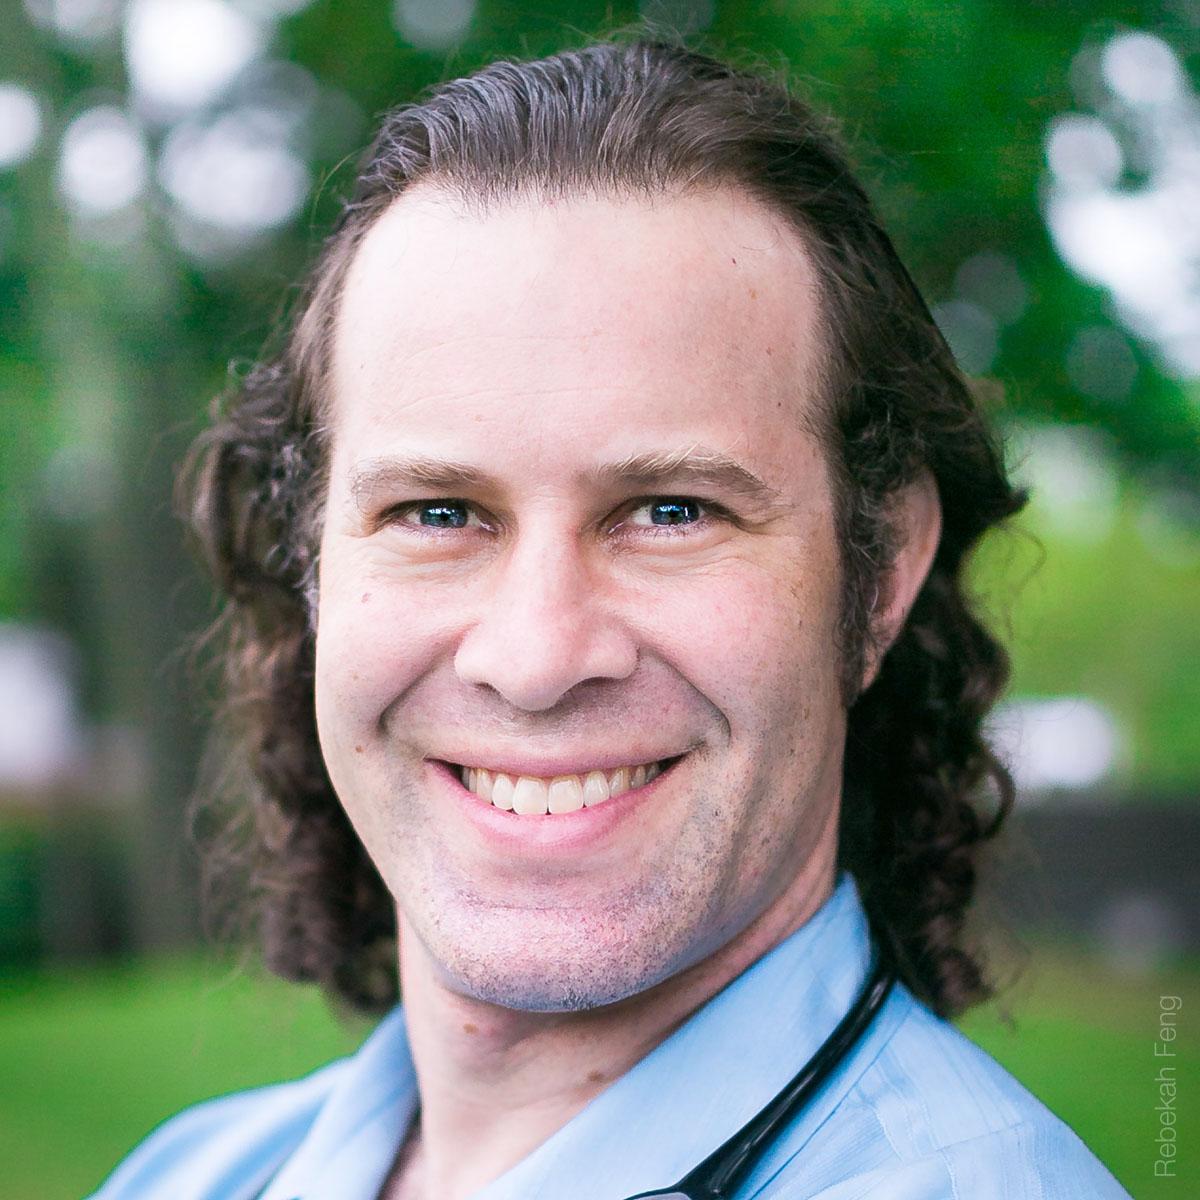 Brian Walitt, M.D., M.P.H